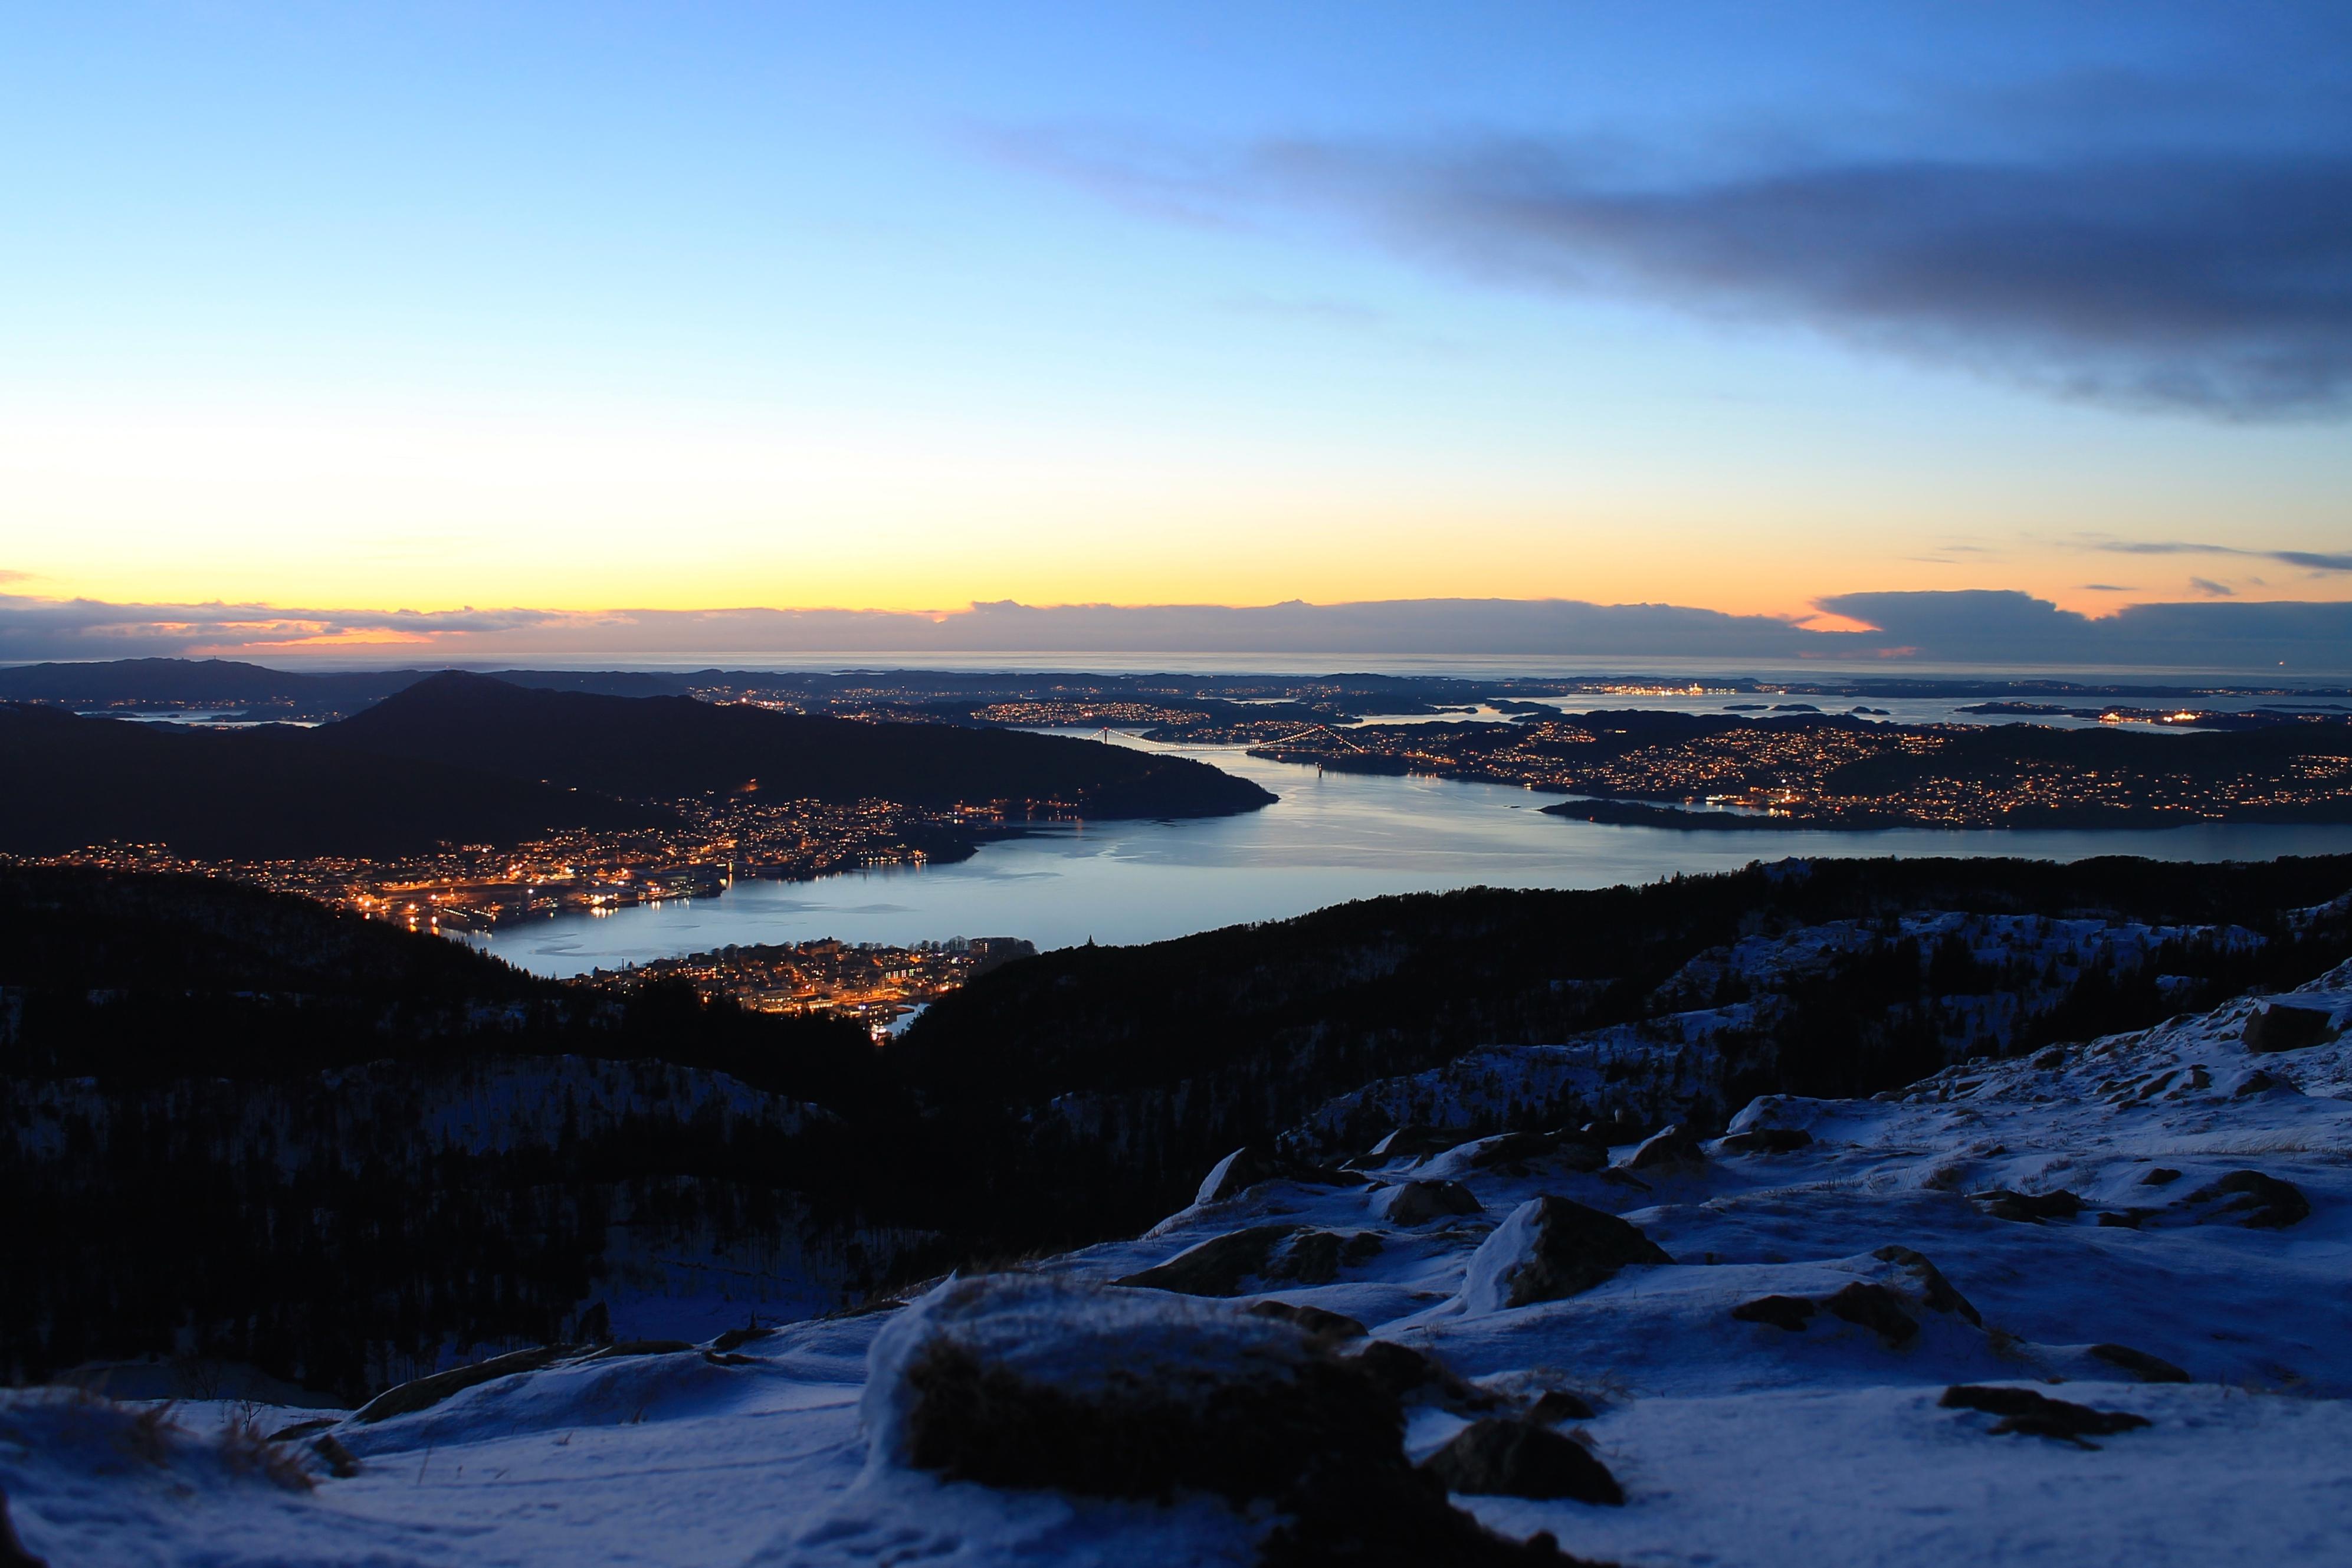 Flott kveldsstemning på Rundemanen, med utsikt vestover mot Sentrum, Askøy, Sotra og Nordsjøen.